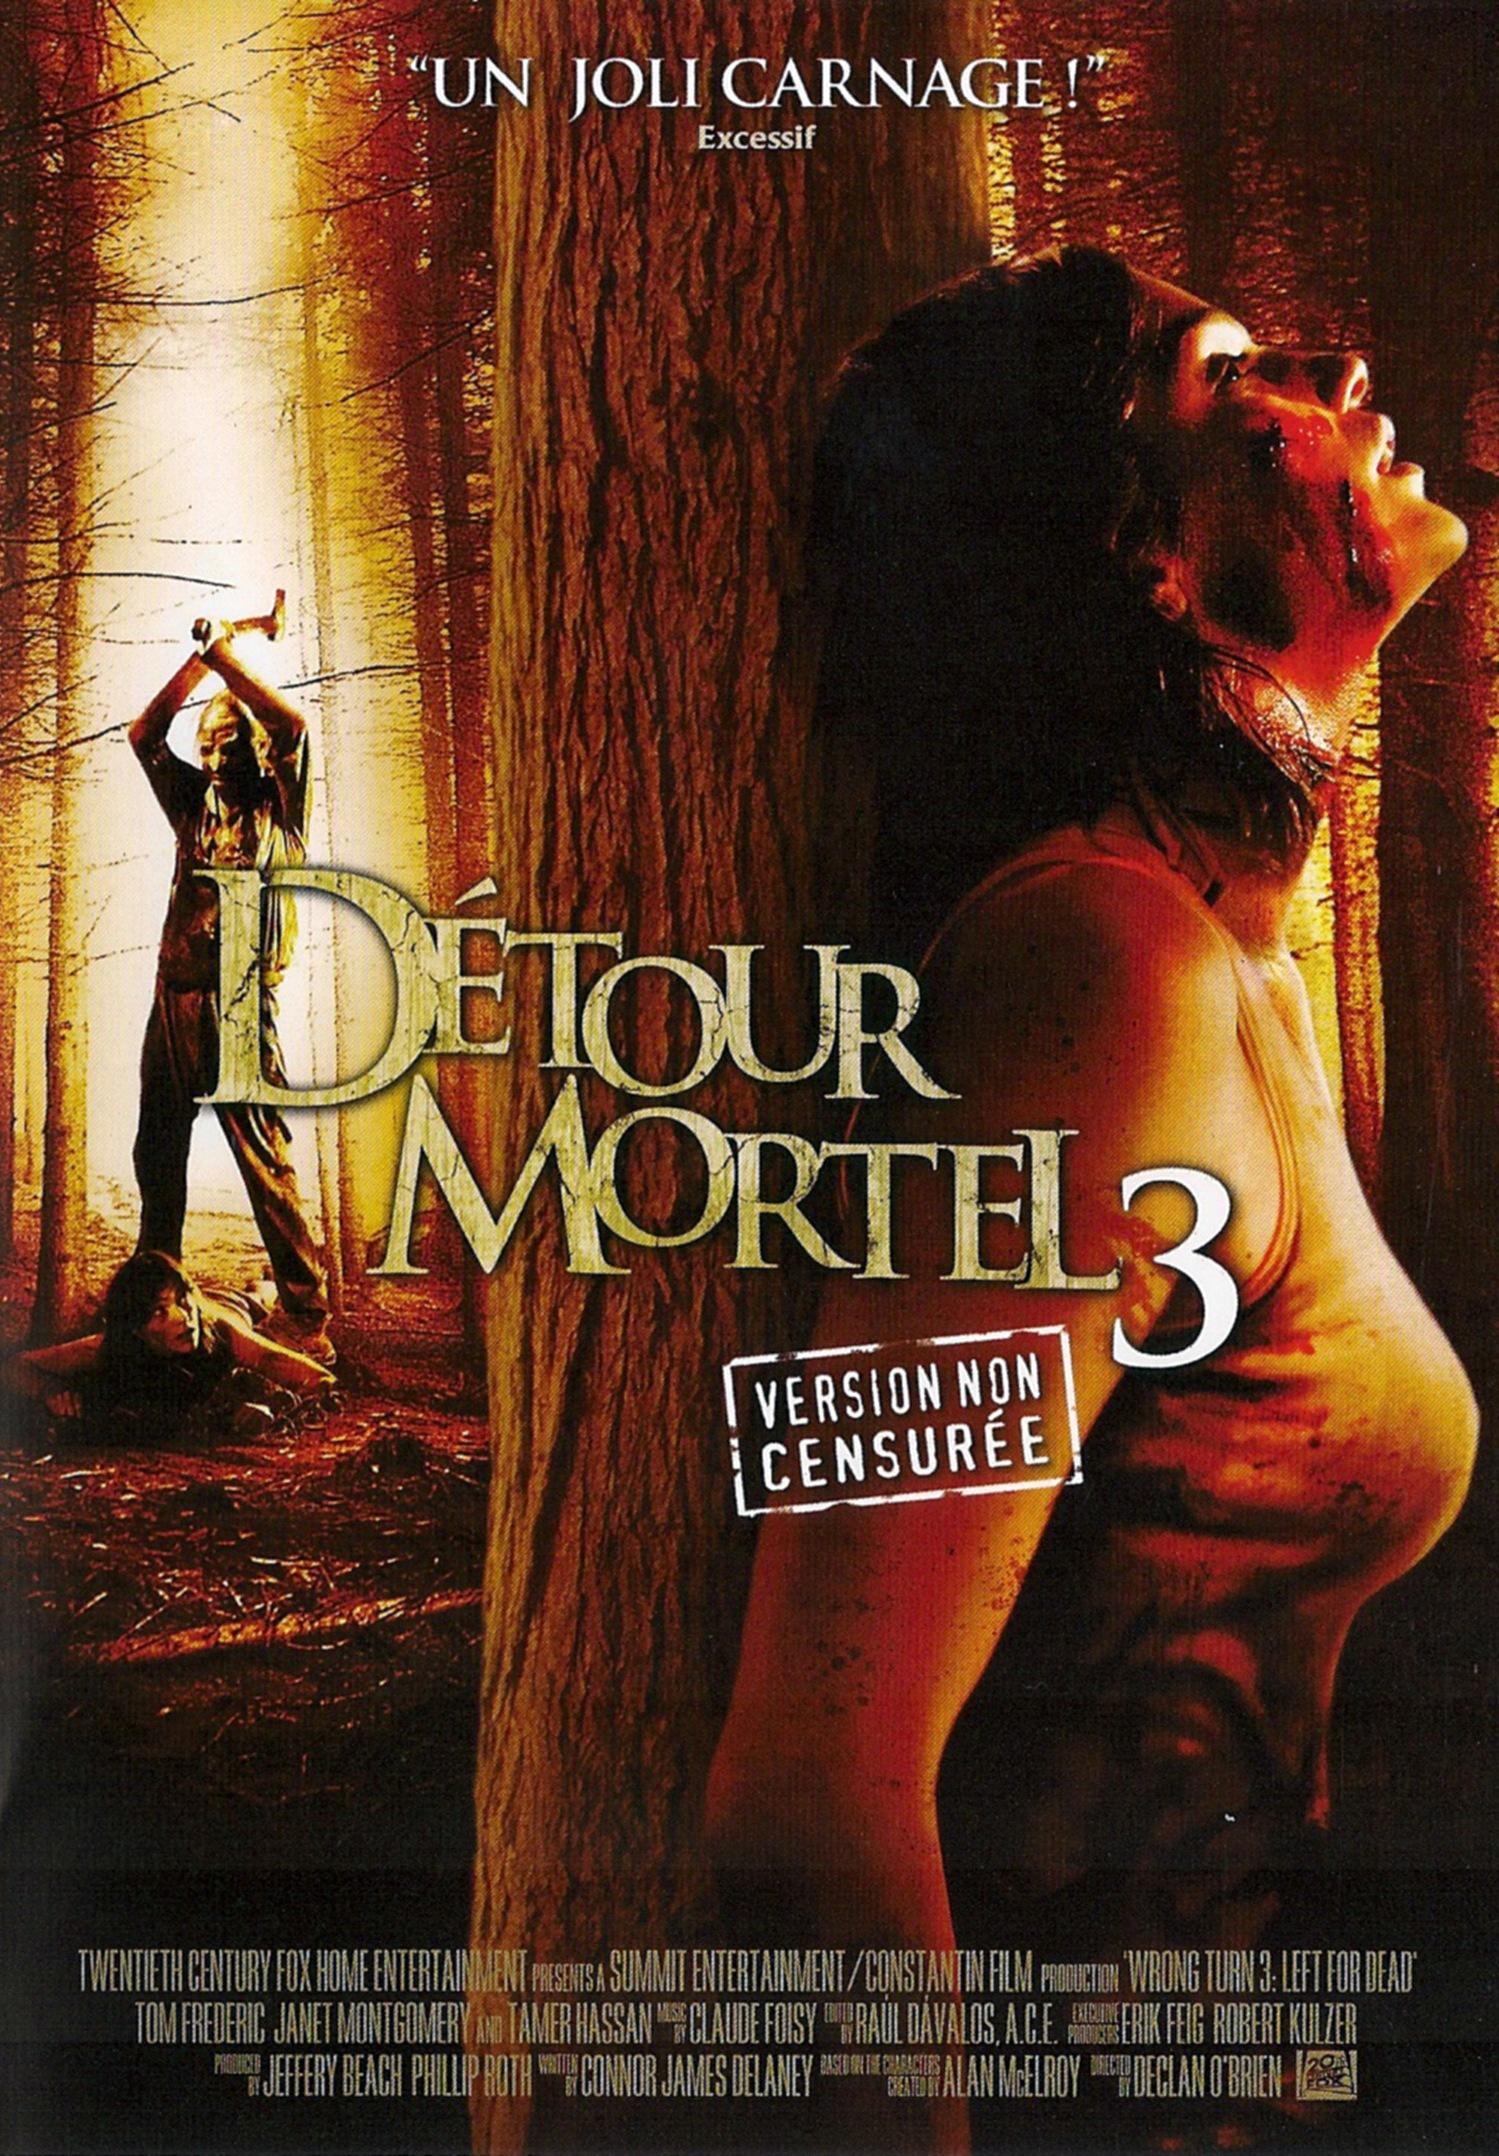 affiche du film Détour mortel 3